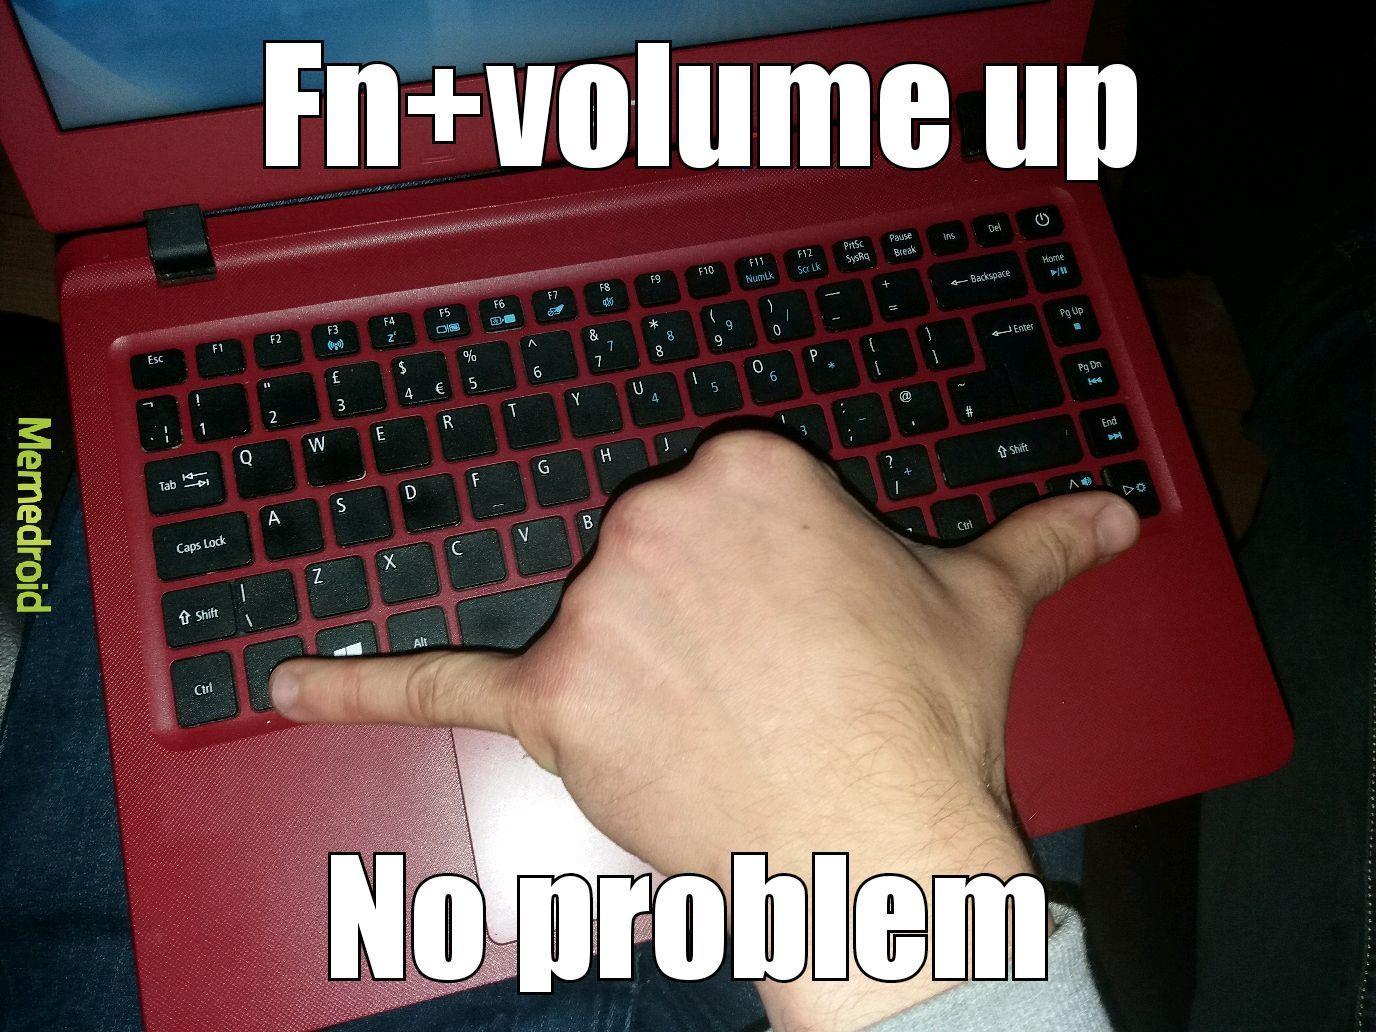 No problemo - meme